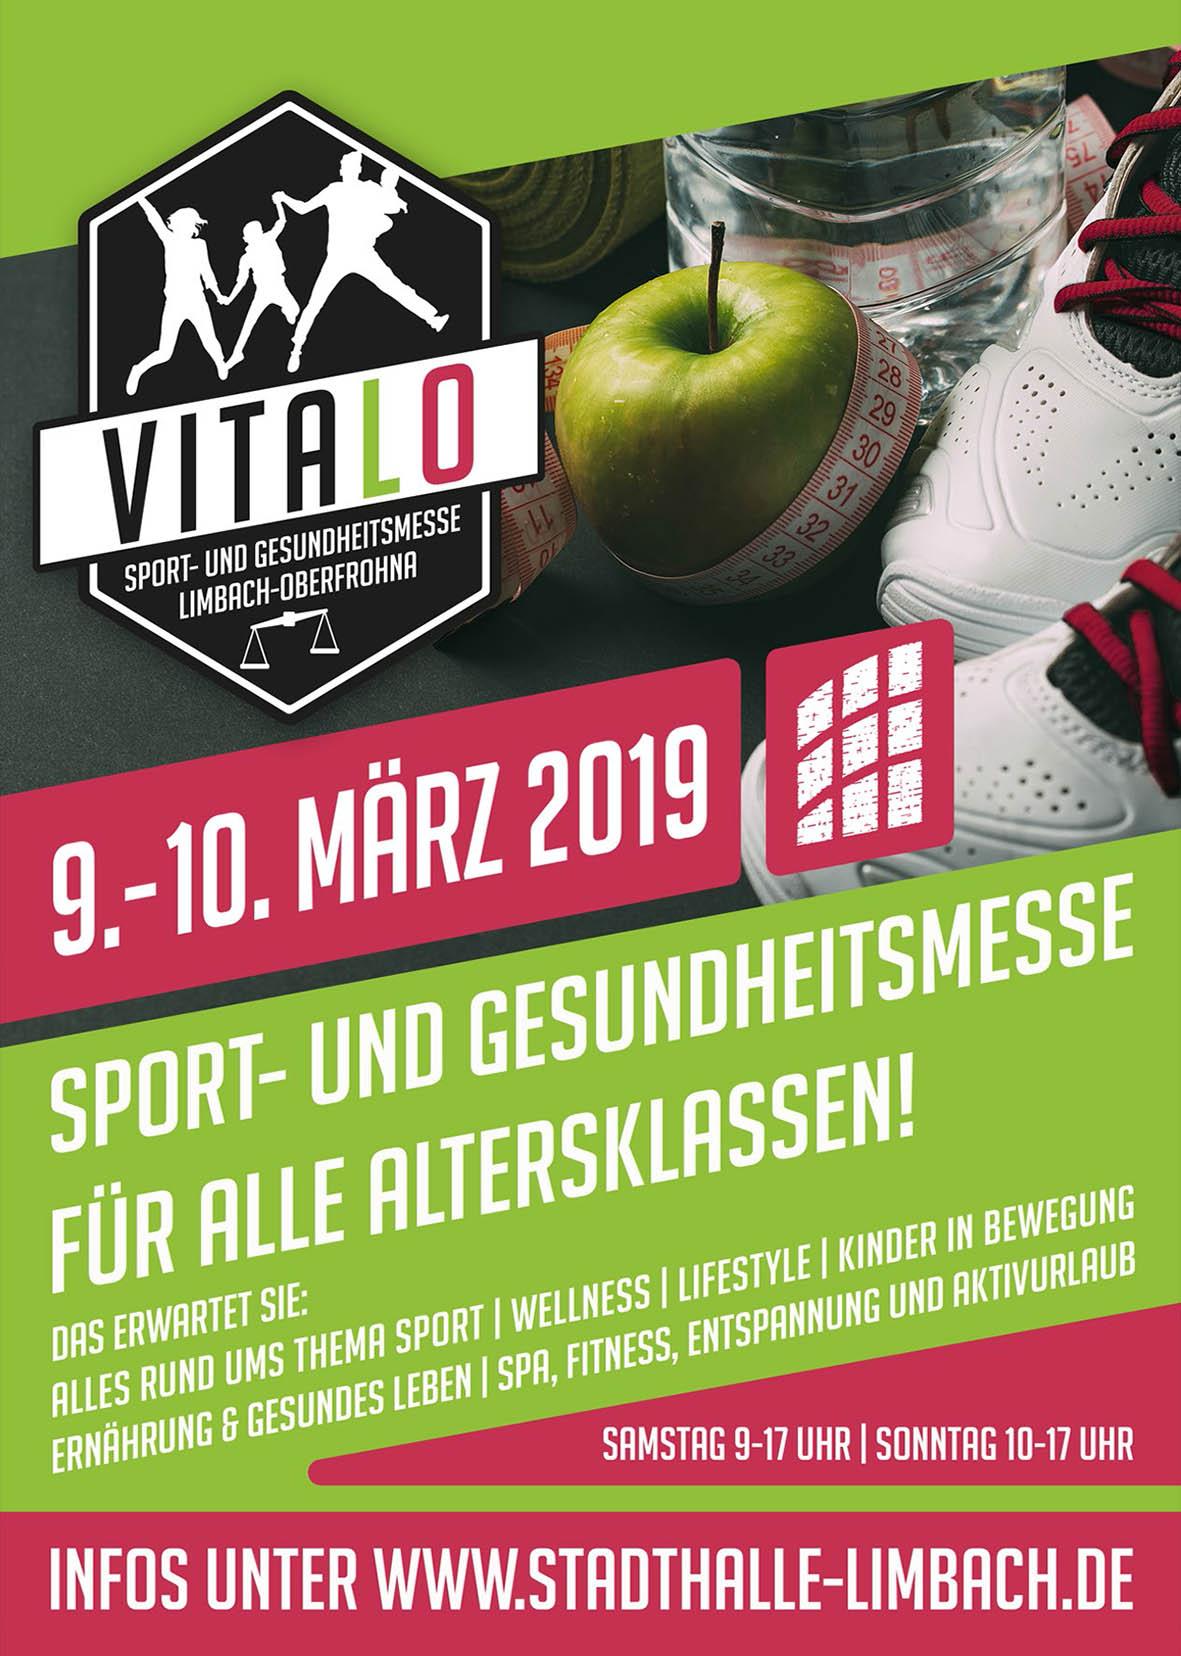 Vitalo – Sport- und Gesundheitsmesse